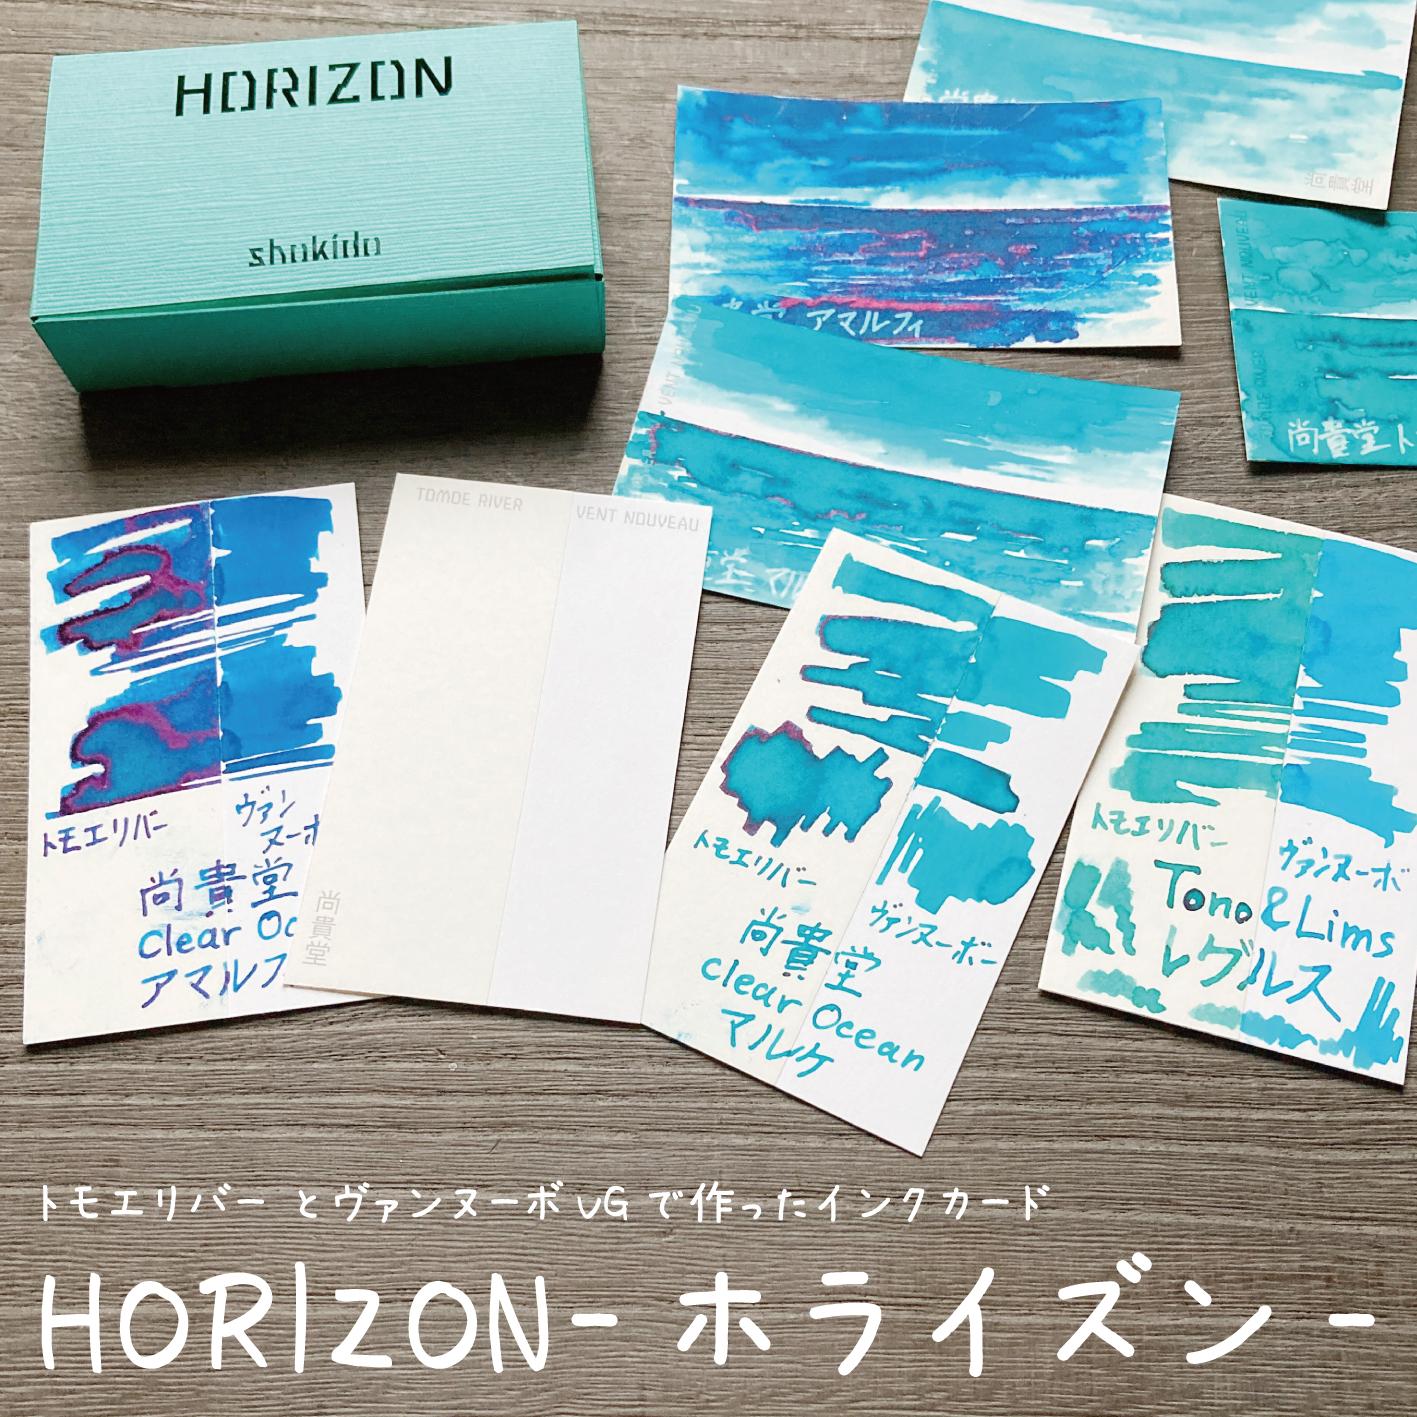 合体インクカード「Horizon」